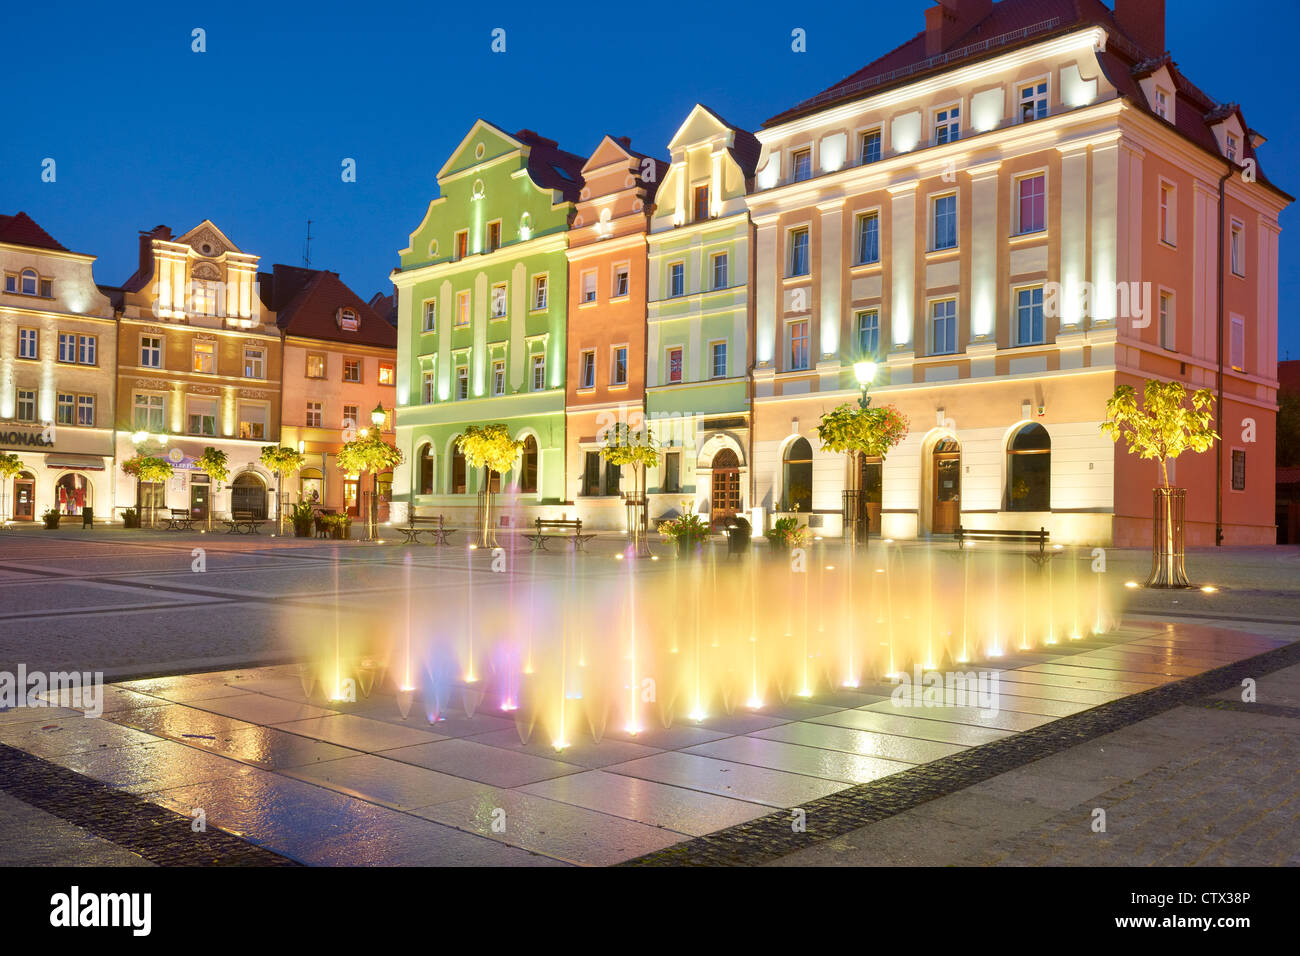 Boleslawiec, Basse-silésie, dans le sud-ouest de la Pologne, Pologne, Europe Photo Stock